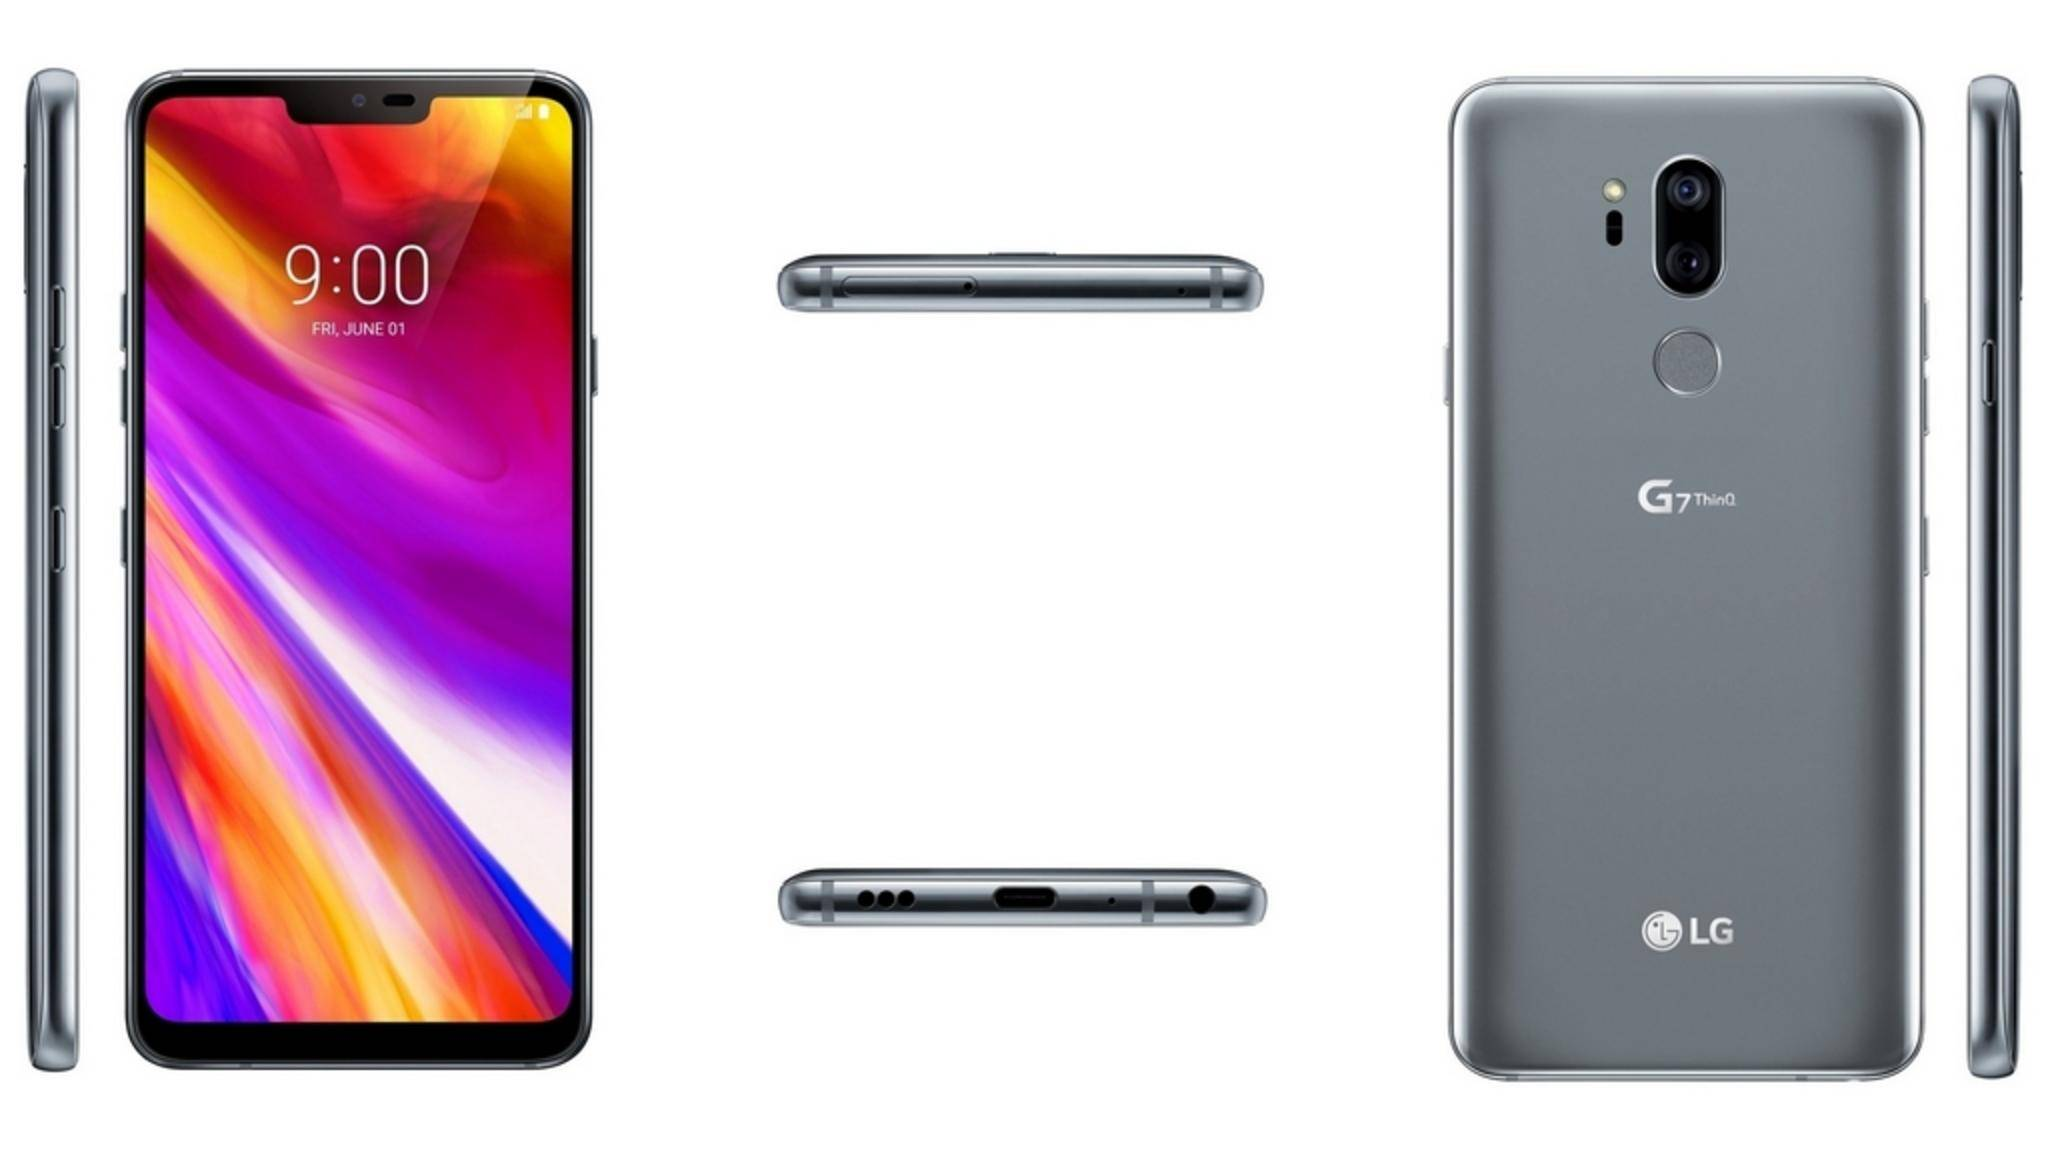 Das LG G7 ThinQ präsentiert sich von allen Seiten.